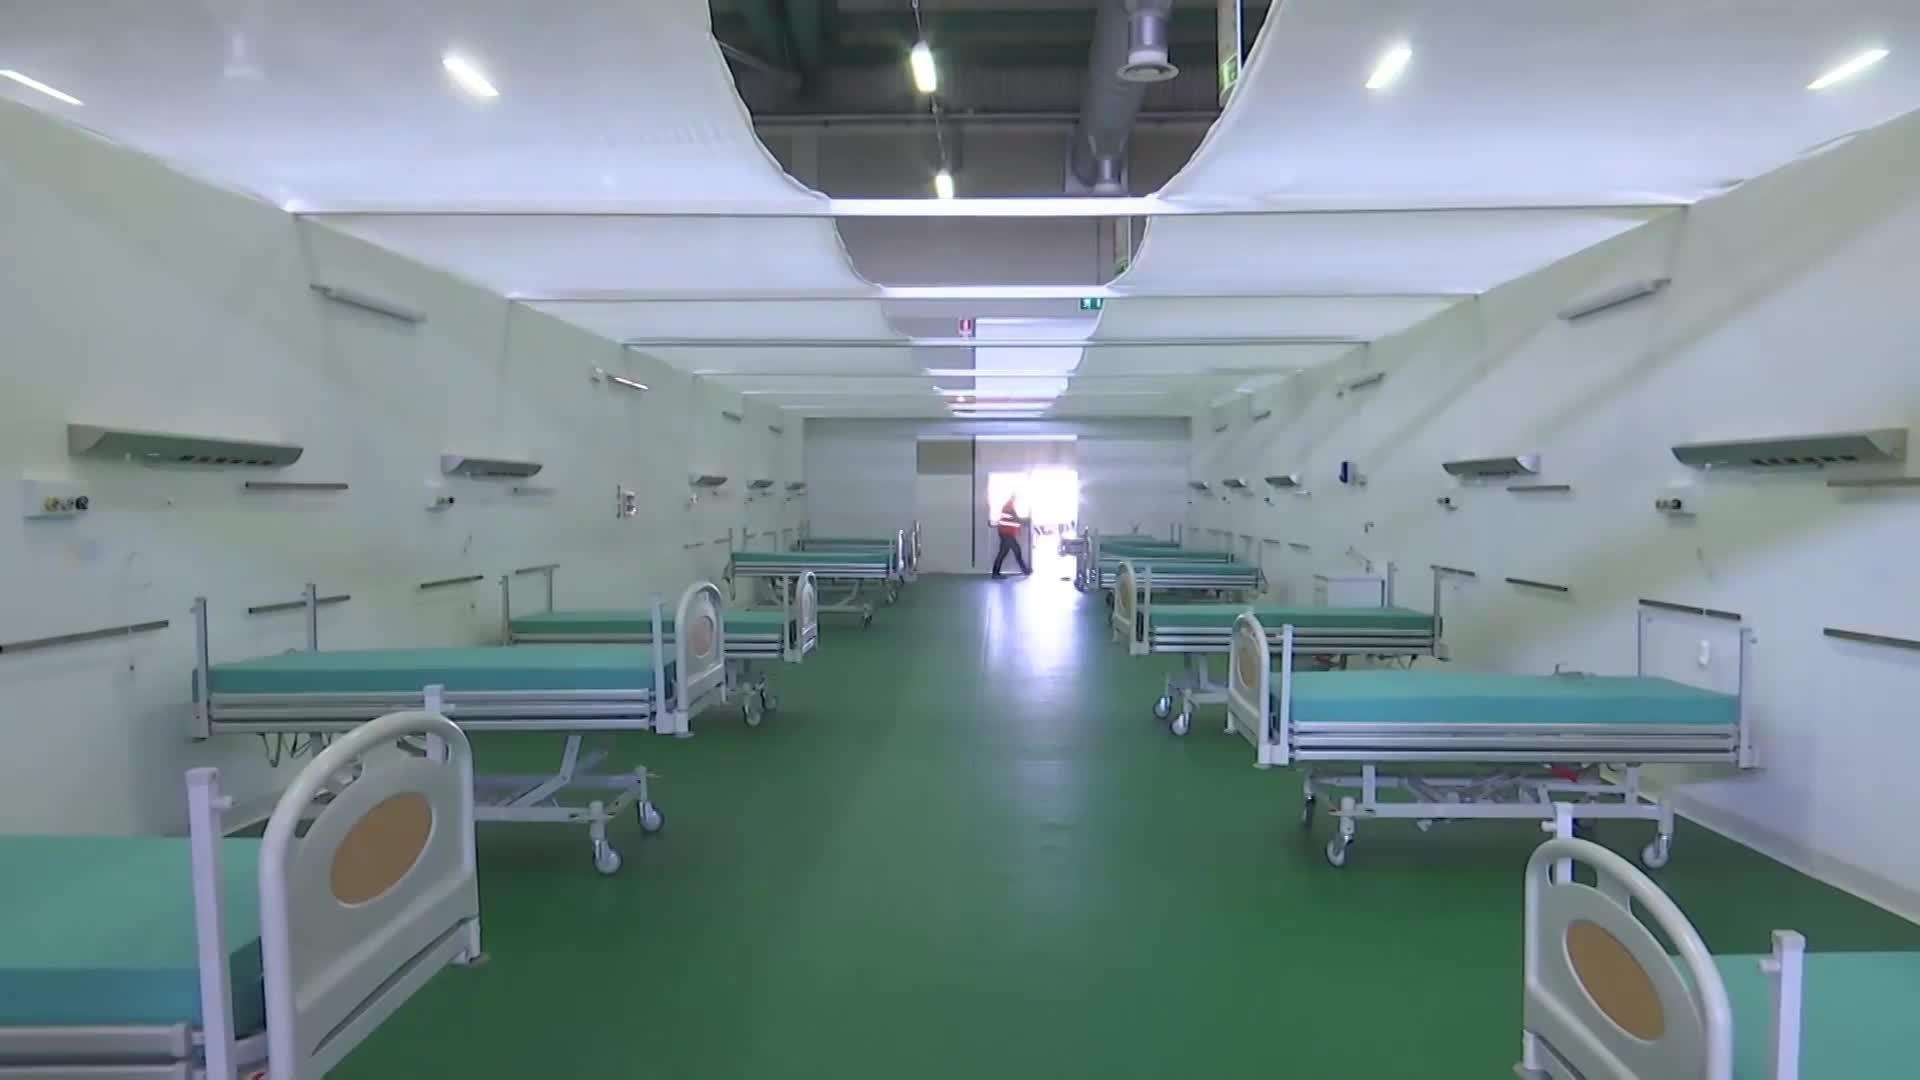 الجيش الروسي يجهز مستشفى ميداني في إيطاليا لعلاج مرضى كورونا